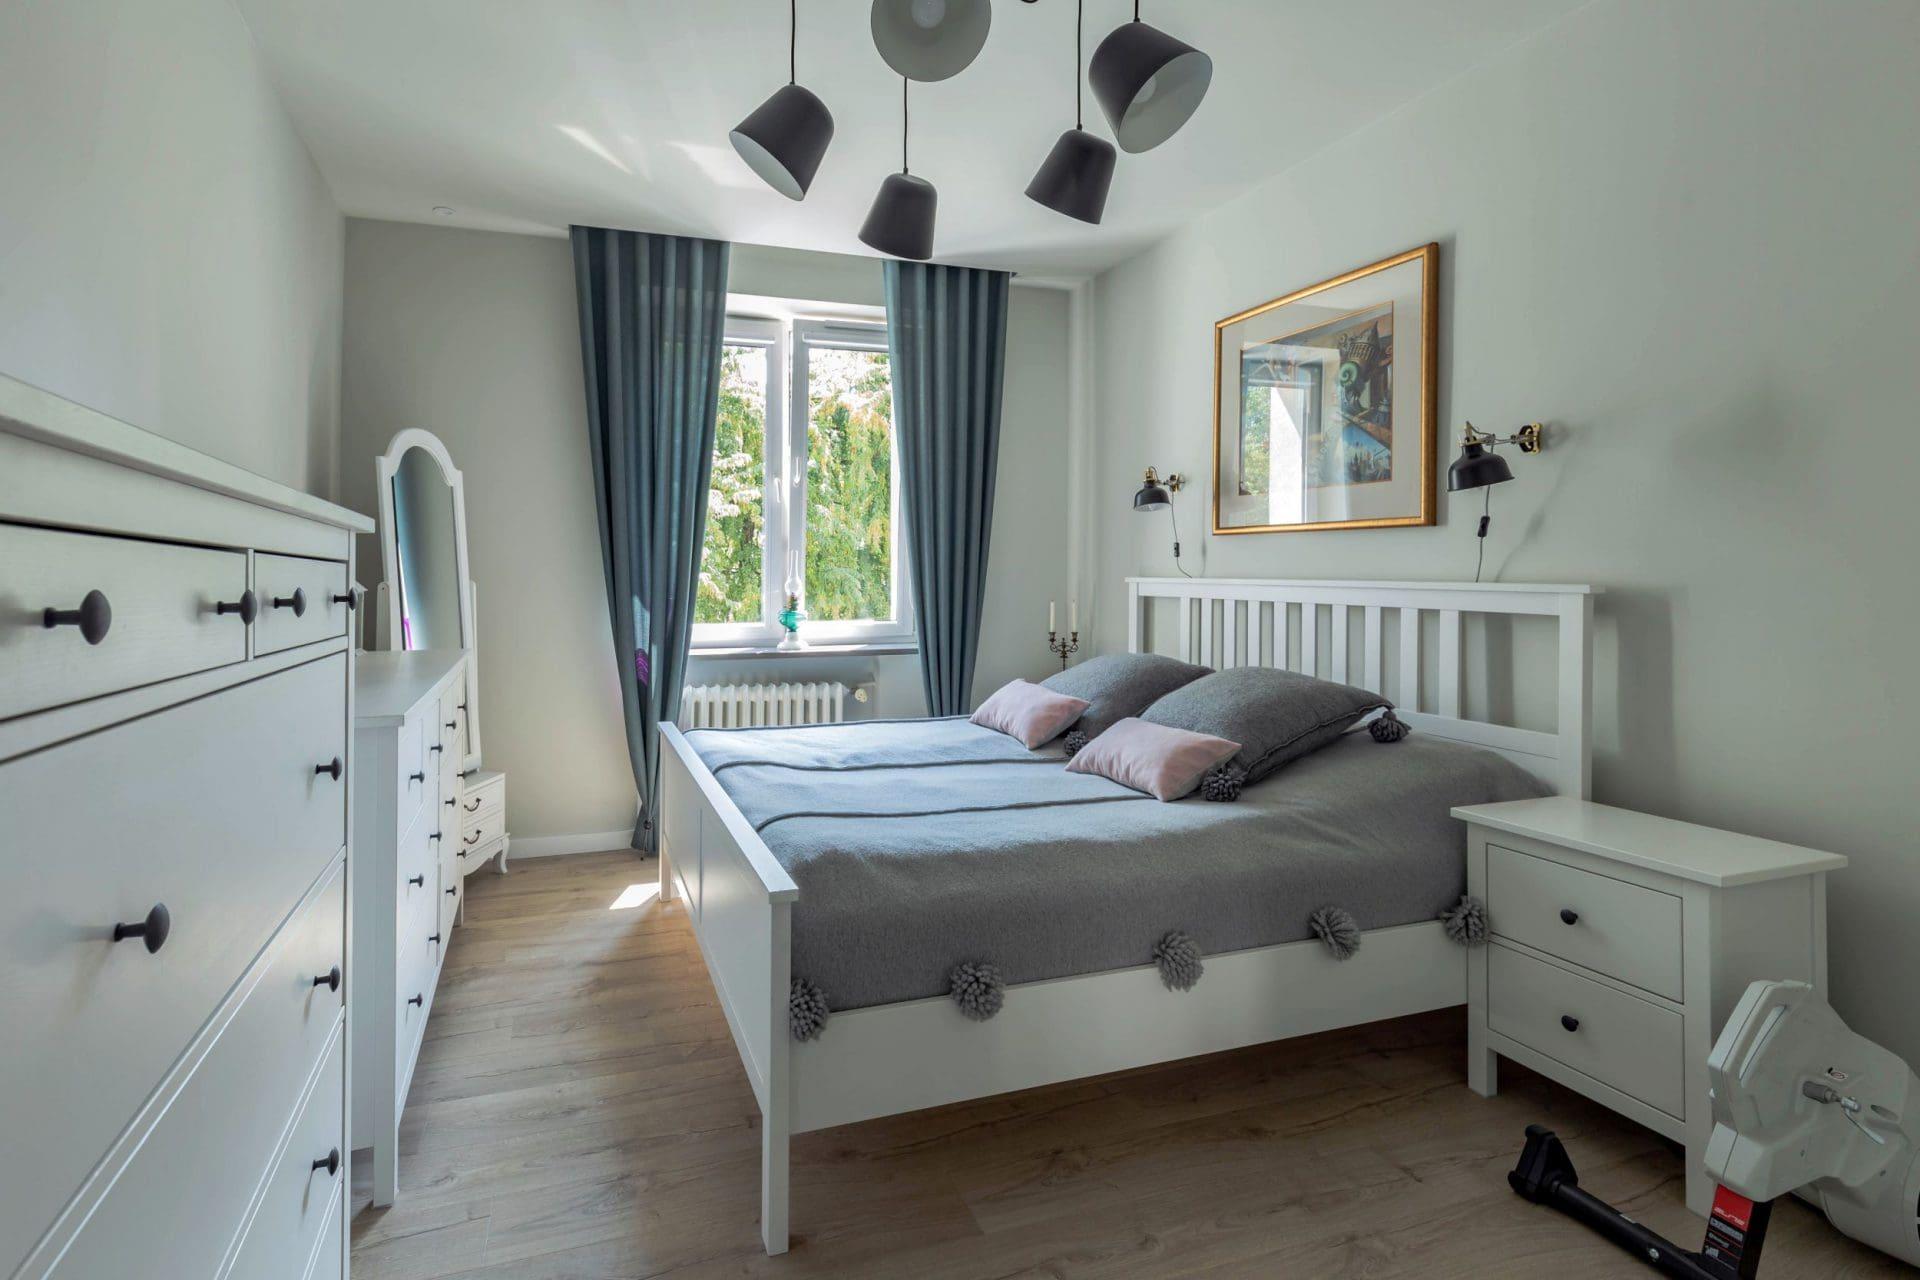 Projekty wnętrz - sypialnia